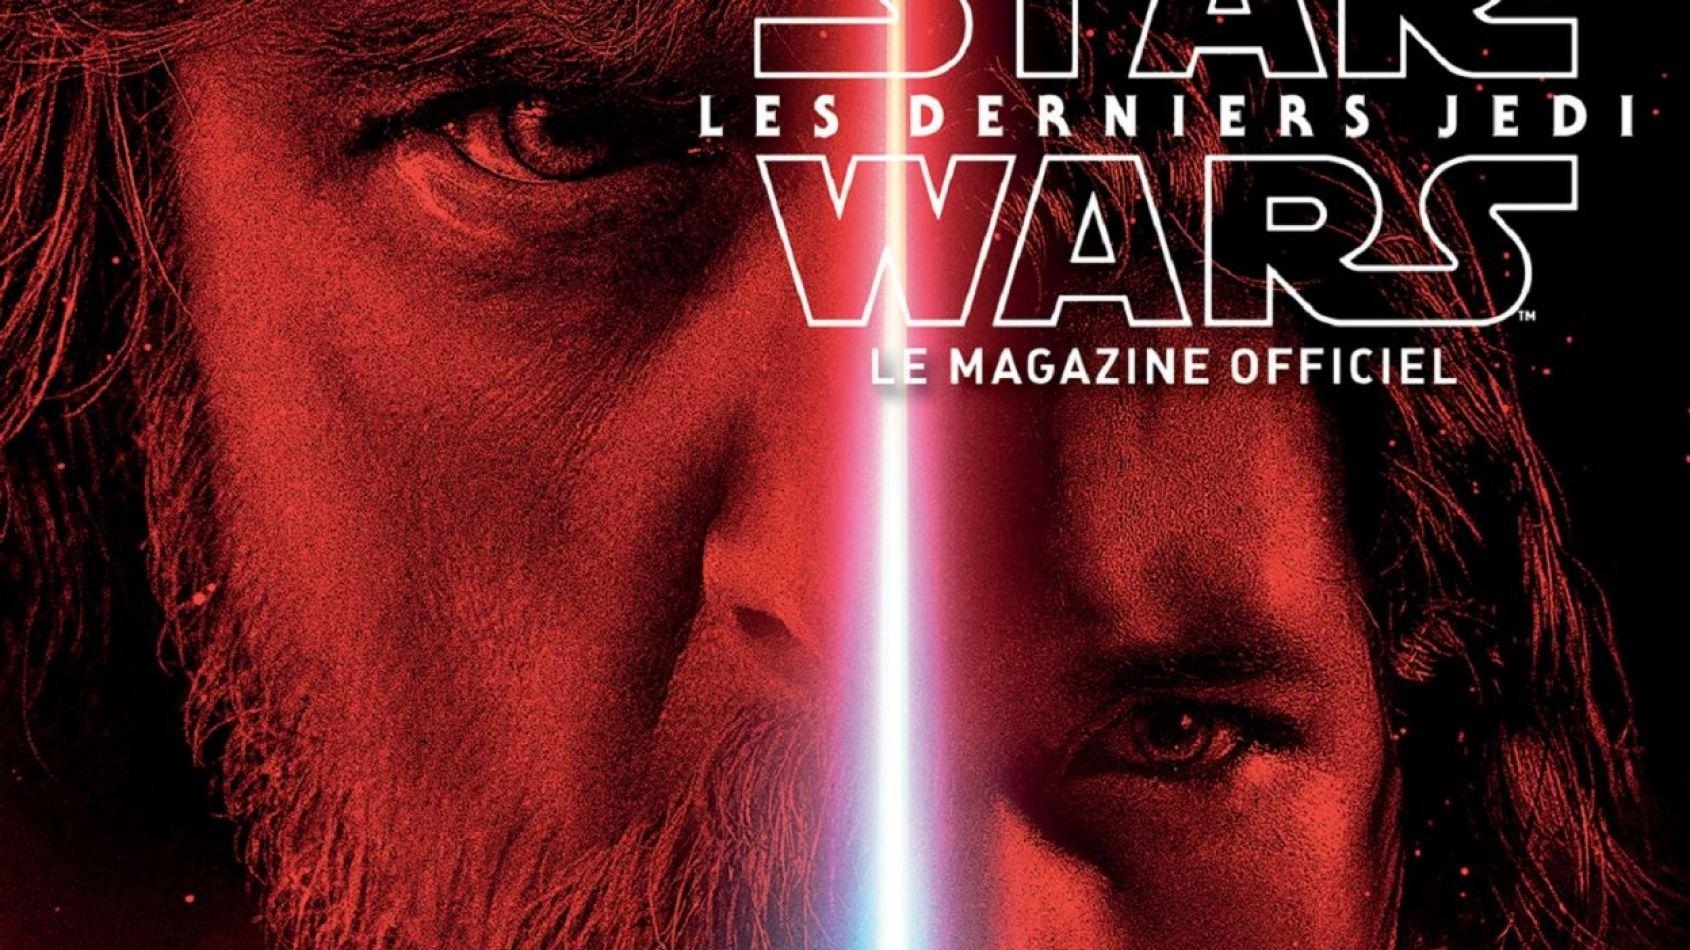 Panini : L'Insider spécial Les Derniers Jedi sortira bientôt